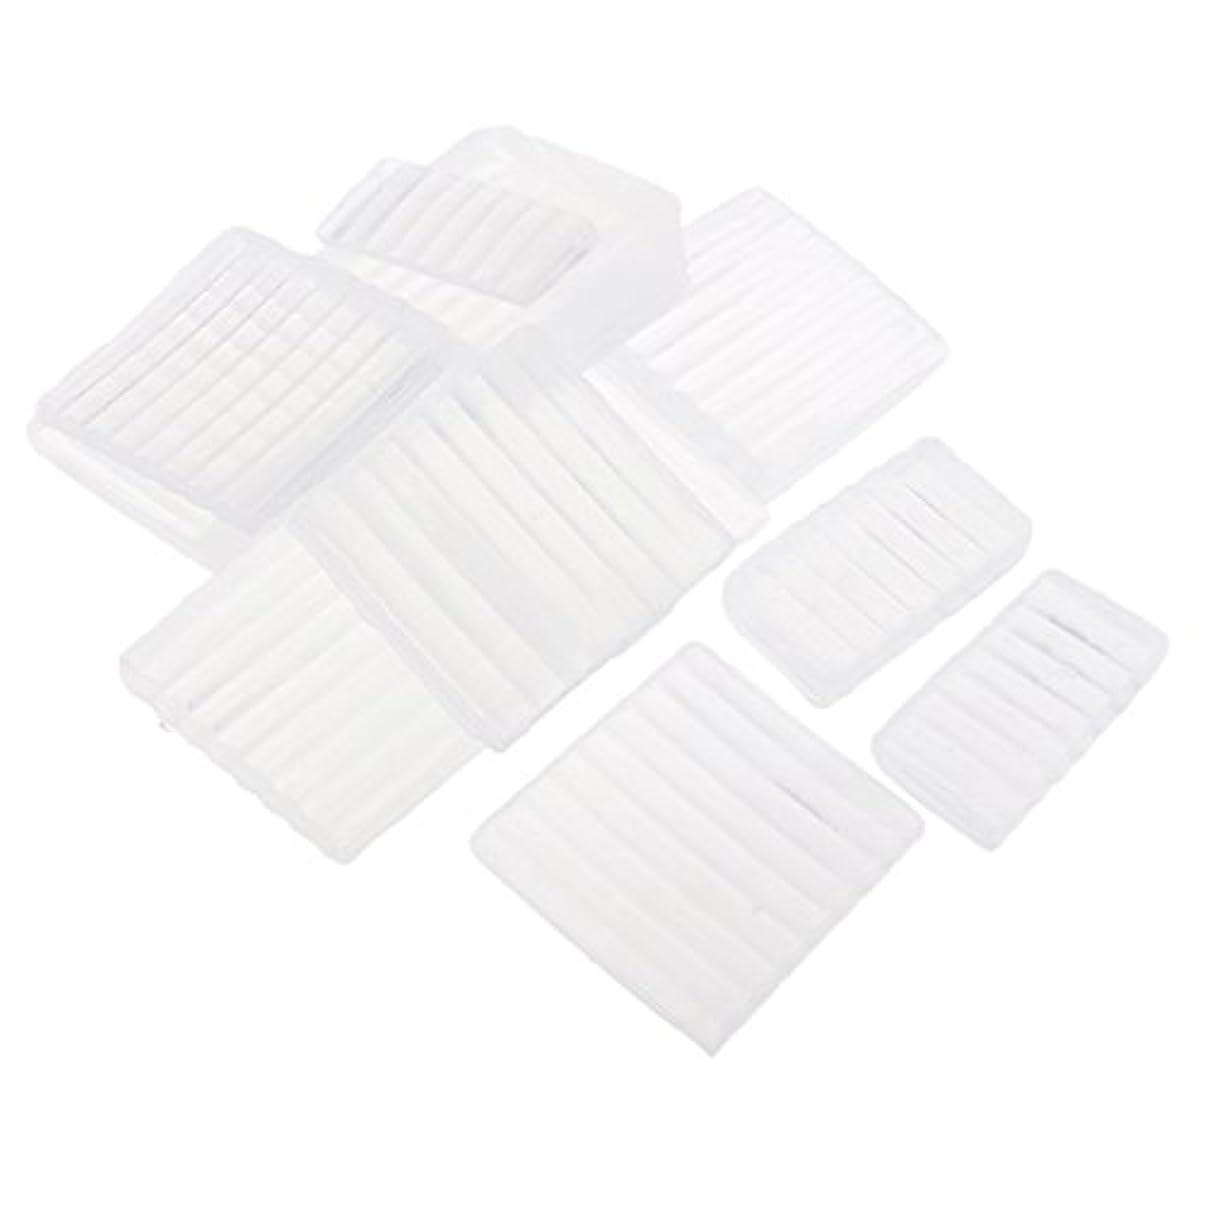 ブート土合理的Sharplace 透明 石鹸ベース せっけん DIY 手作り 石鹸作り 材料 白い石鹸ベース